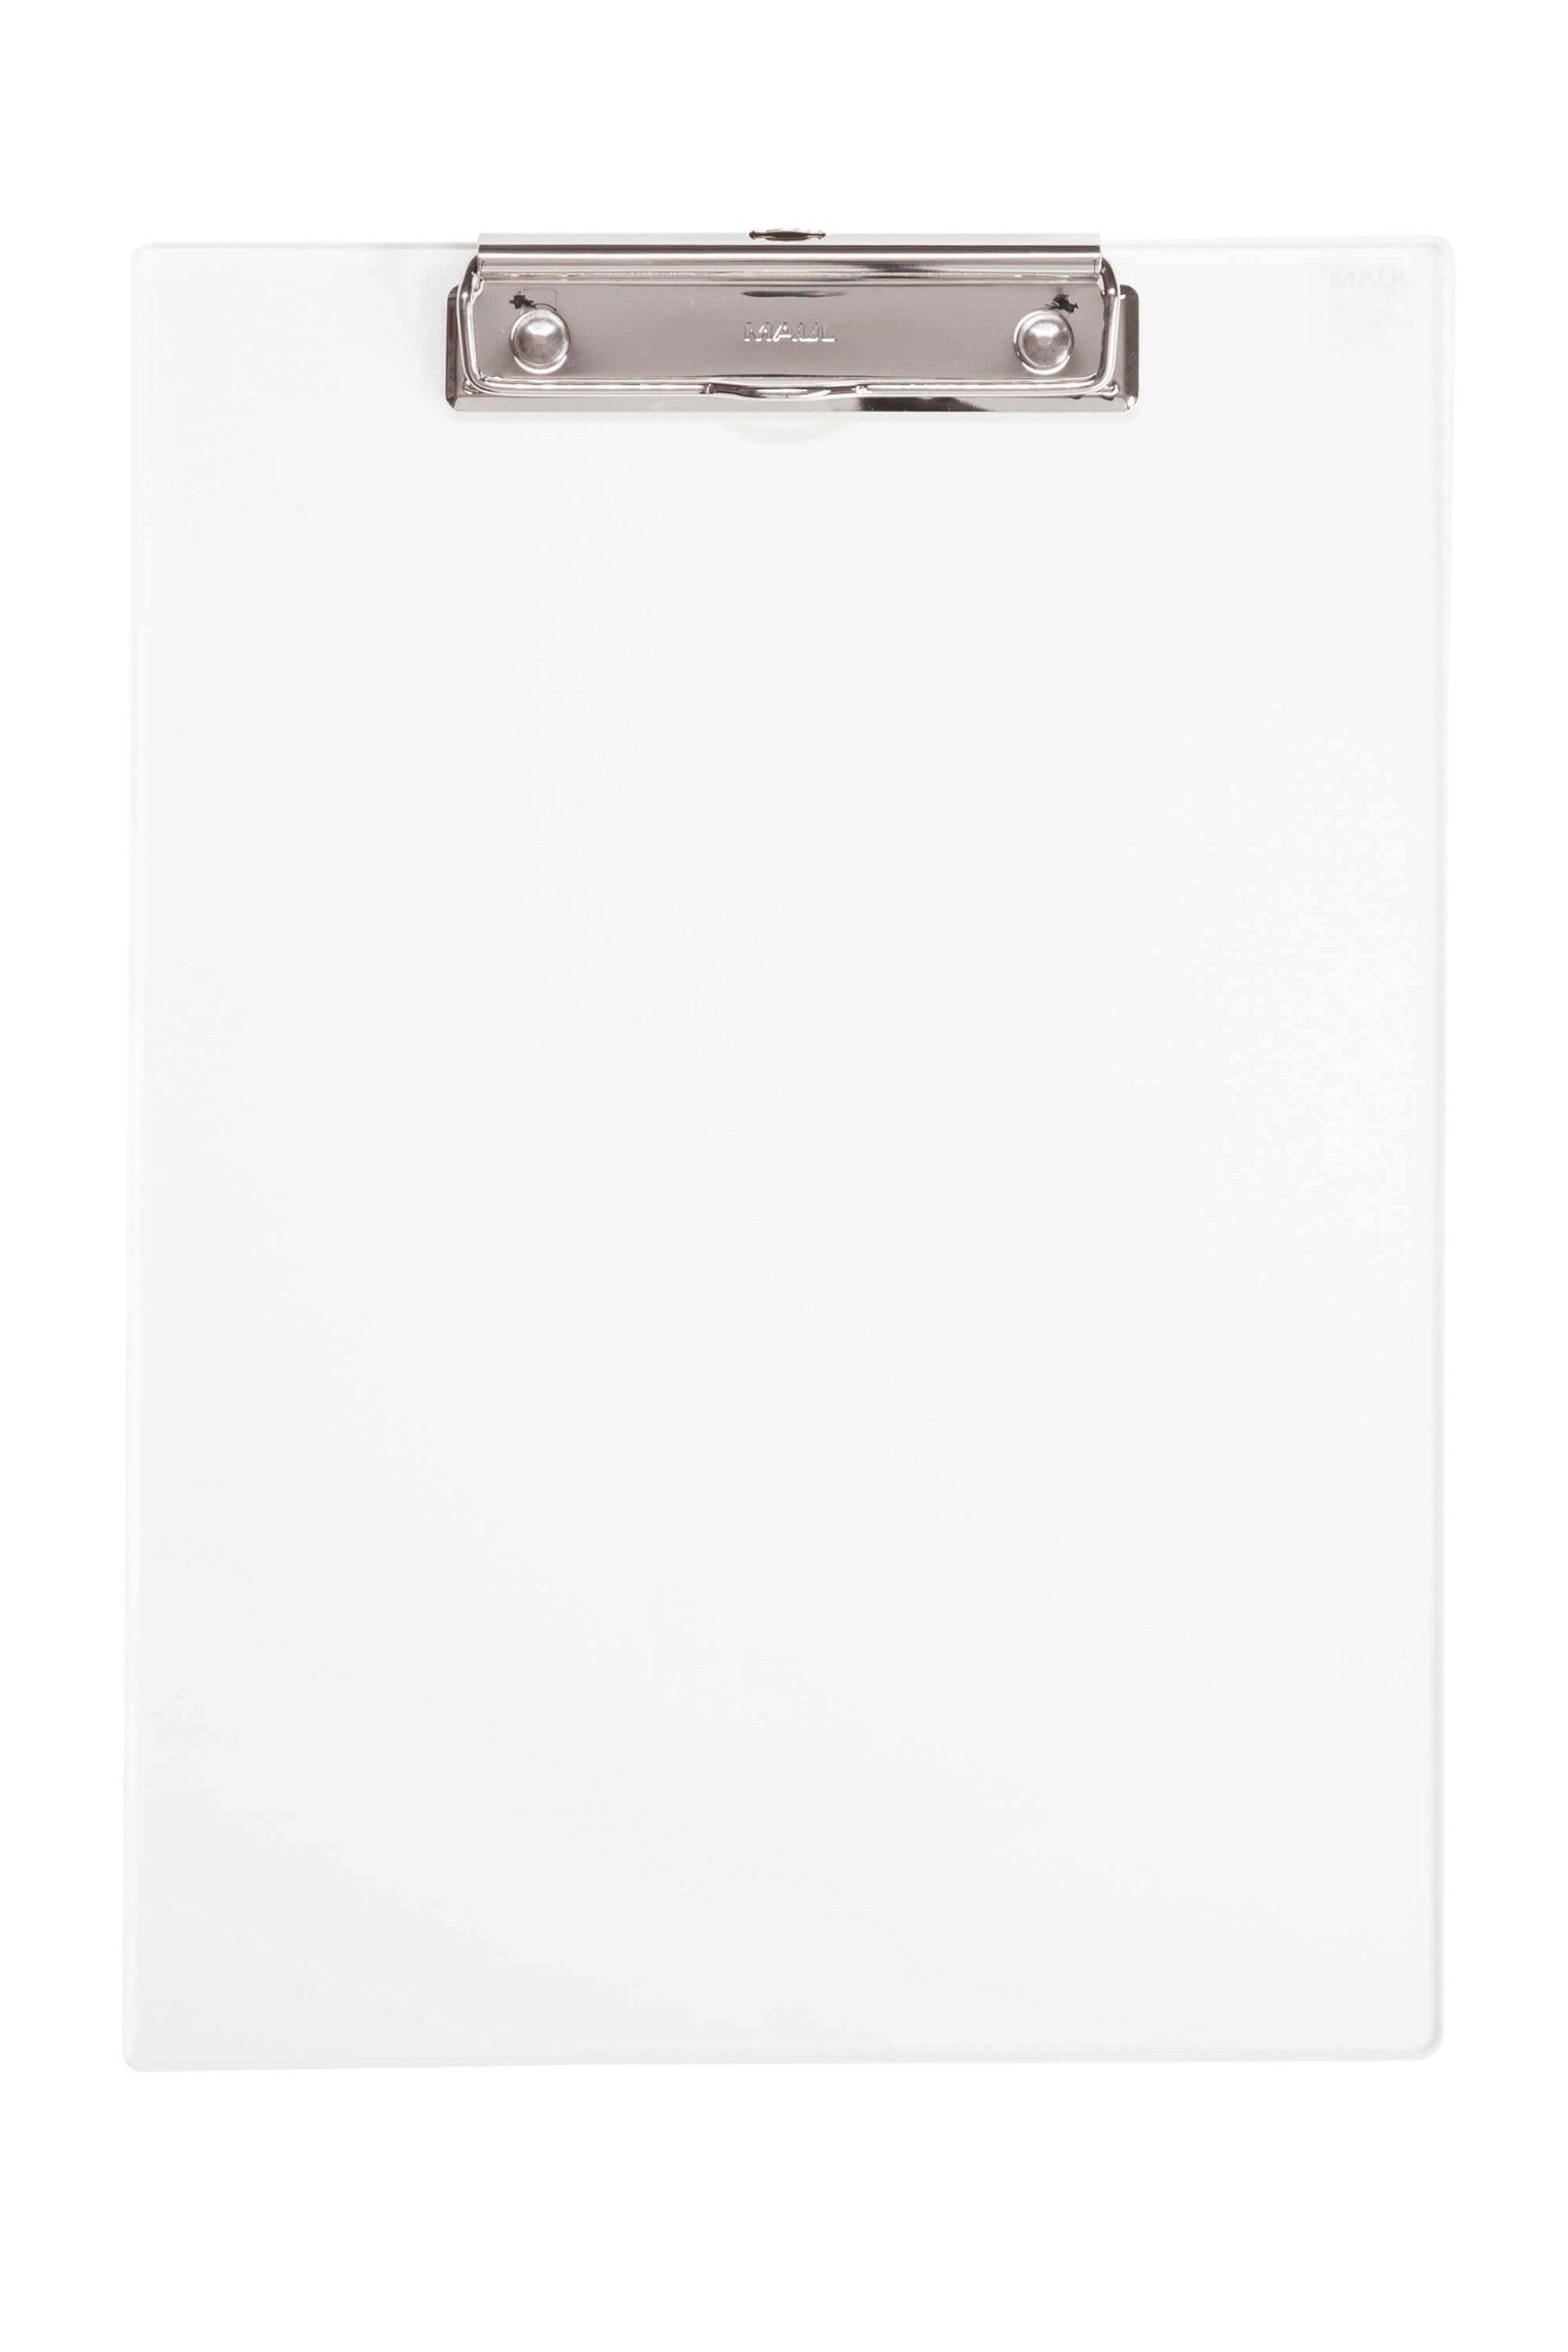 Schreibplatte, Acryl mit Bügelklemme